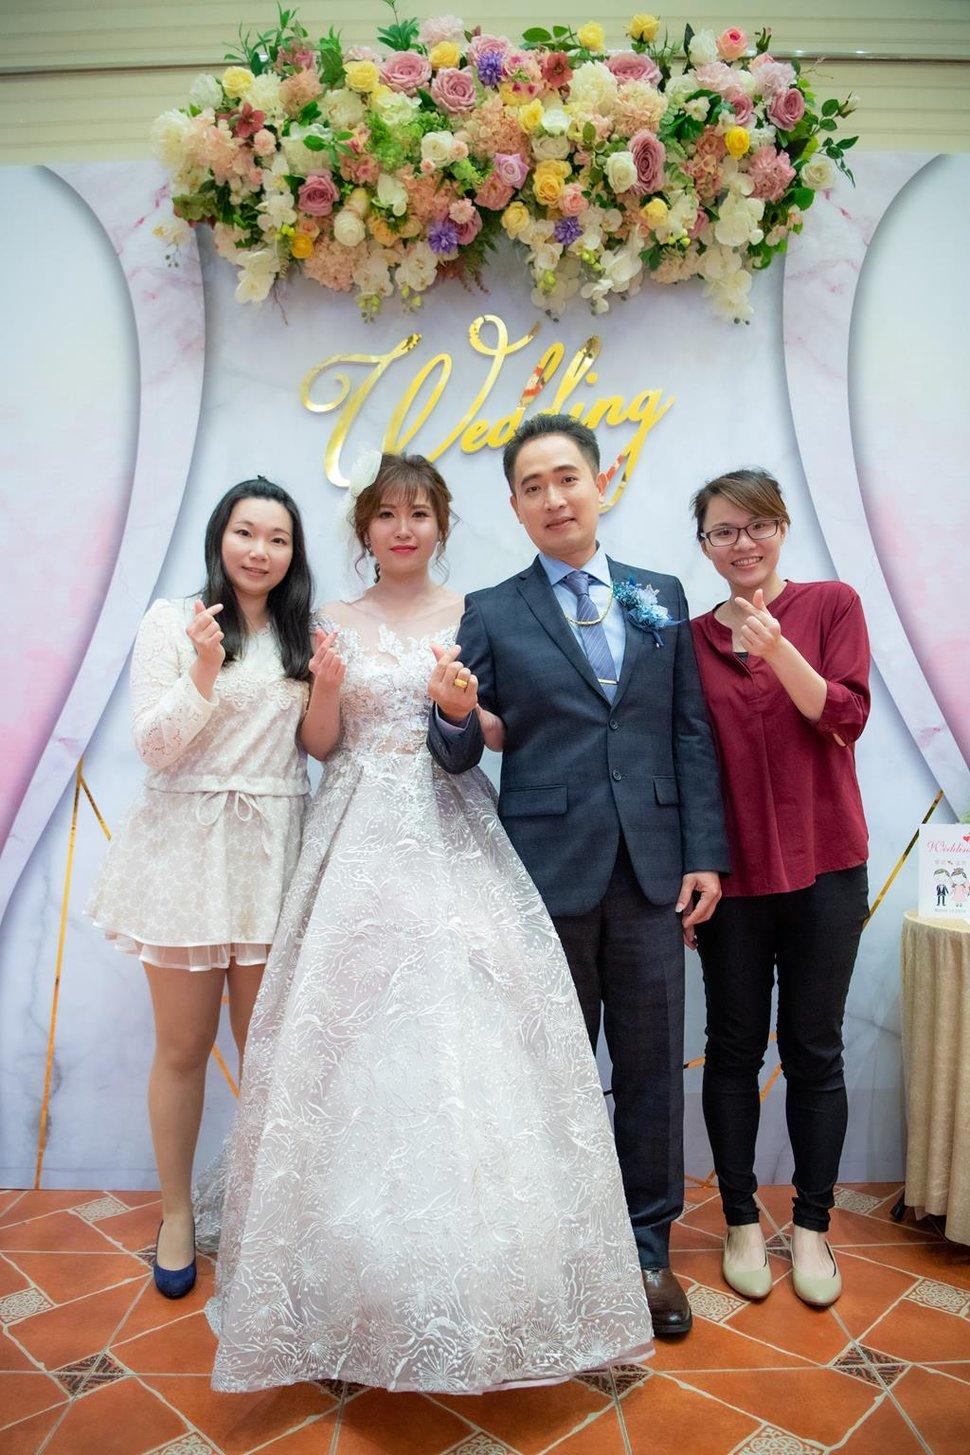 書孟&逸琳婚禮紀實-500 - Mr. Happiness 幸福先生 - 結婚吧